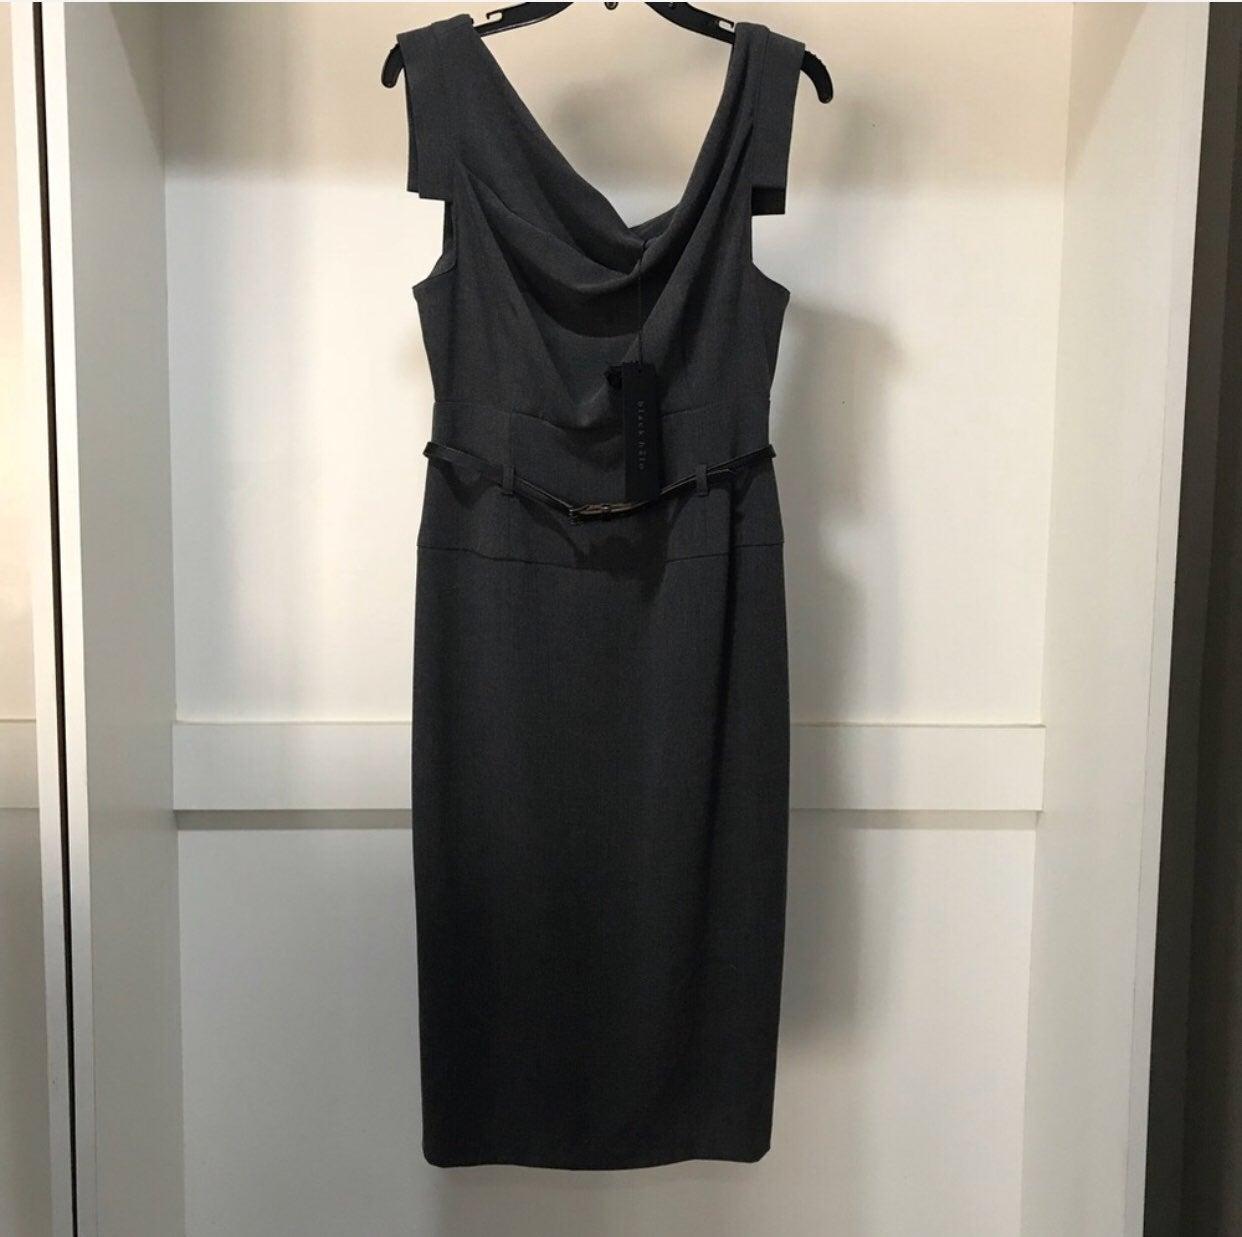 Women's Dress Black Halo Jackie O Dress